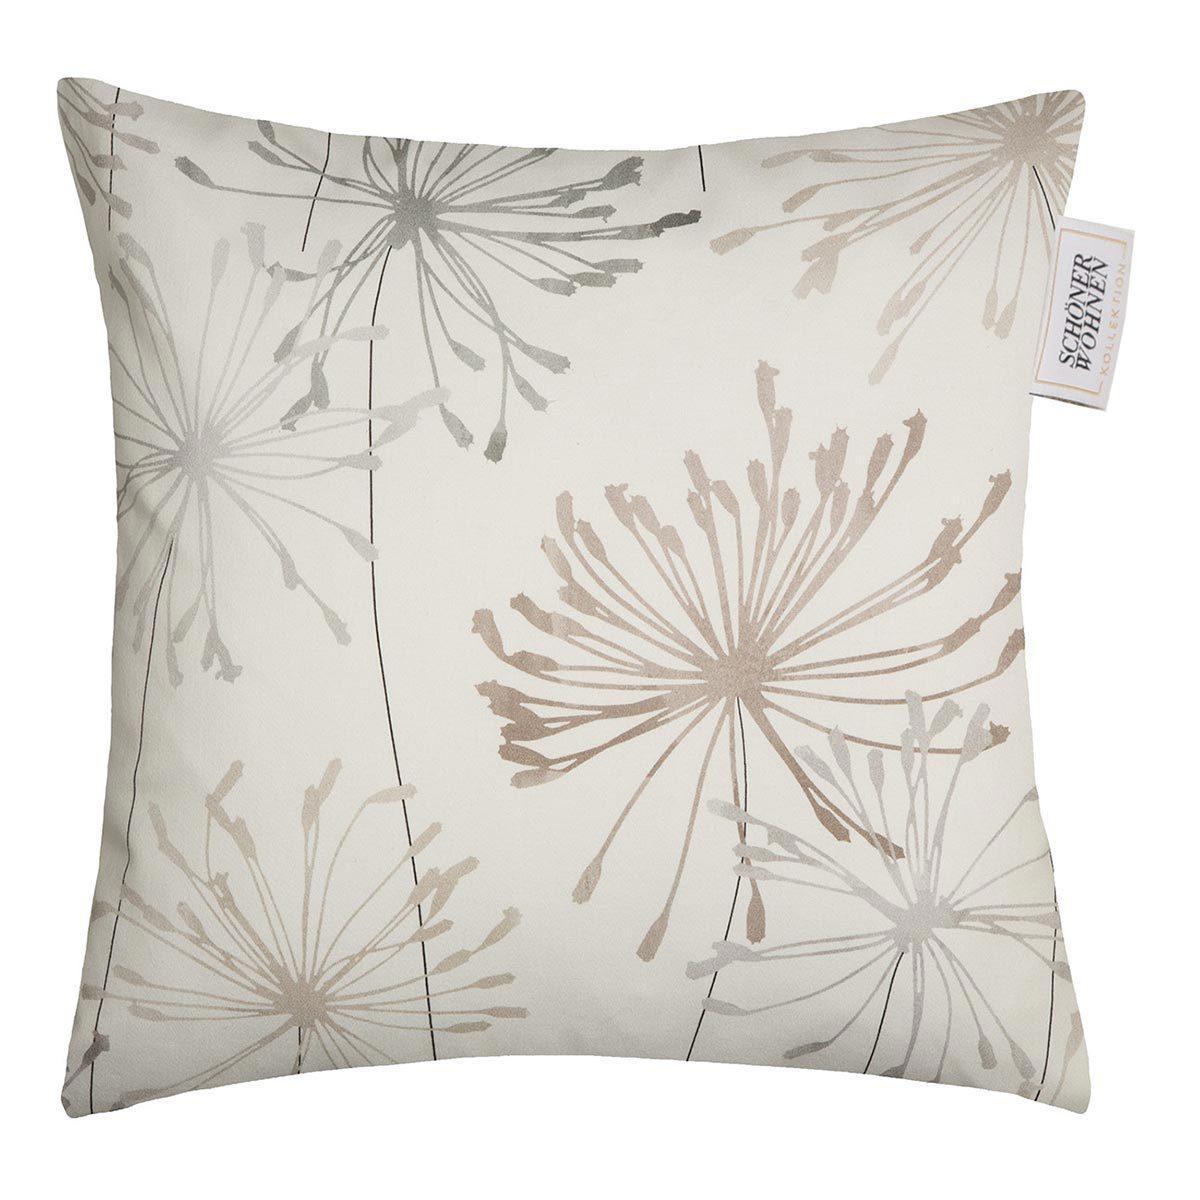 sch ner wohnen kissenh lle dandelion g nstig online kaufen bei bettwaren shop. Black Bedroom Furniture Sets. Home Design Ideas